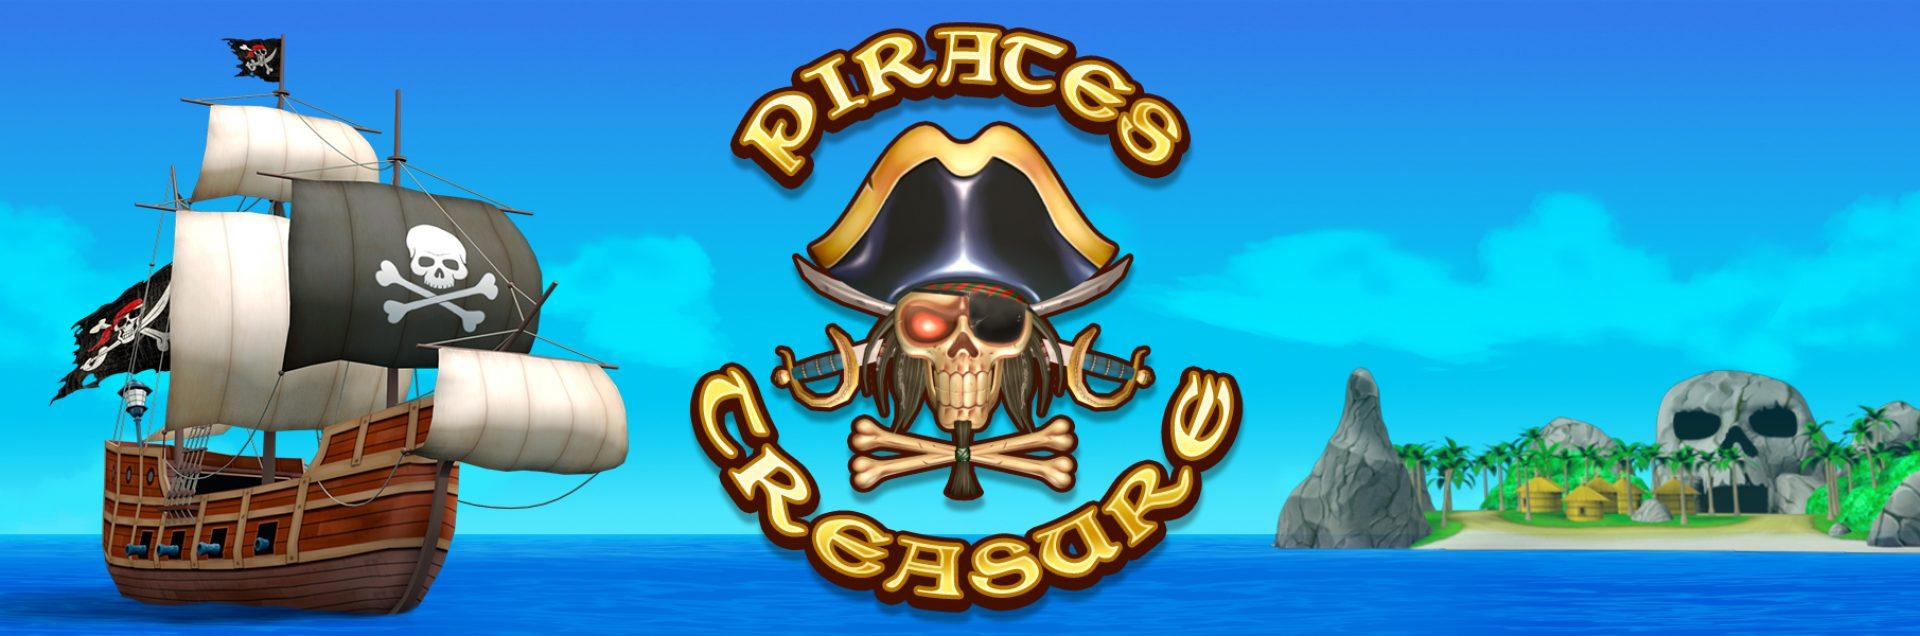 Piratas_00